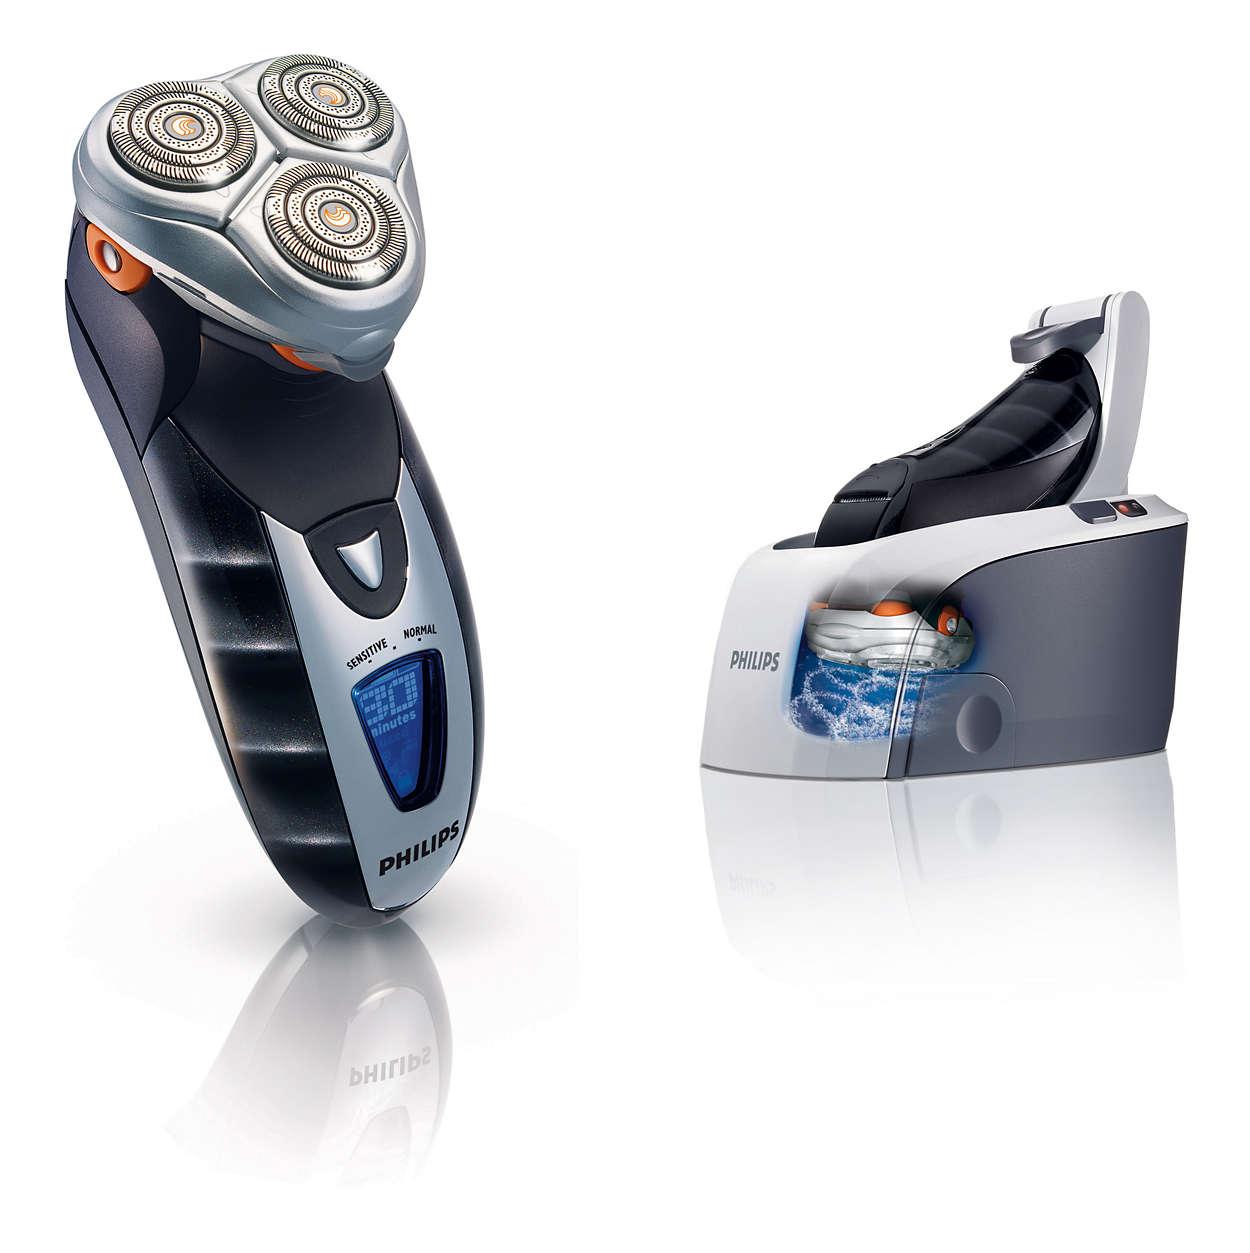 最好的電鬍刀,來自世界第一品牌